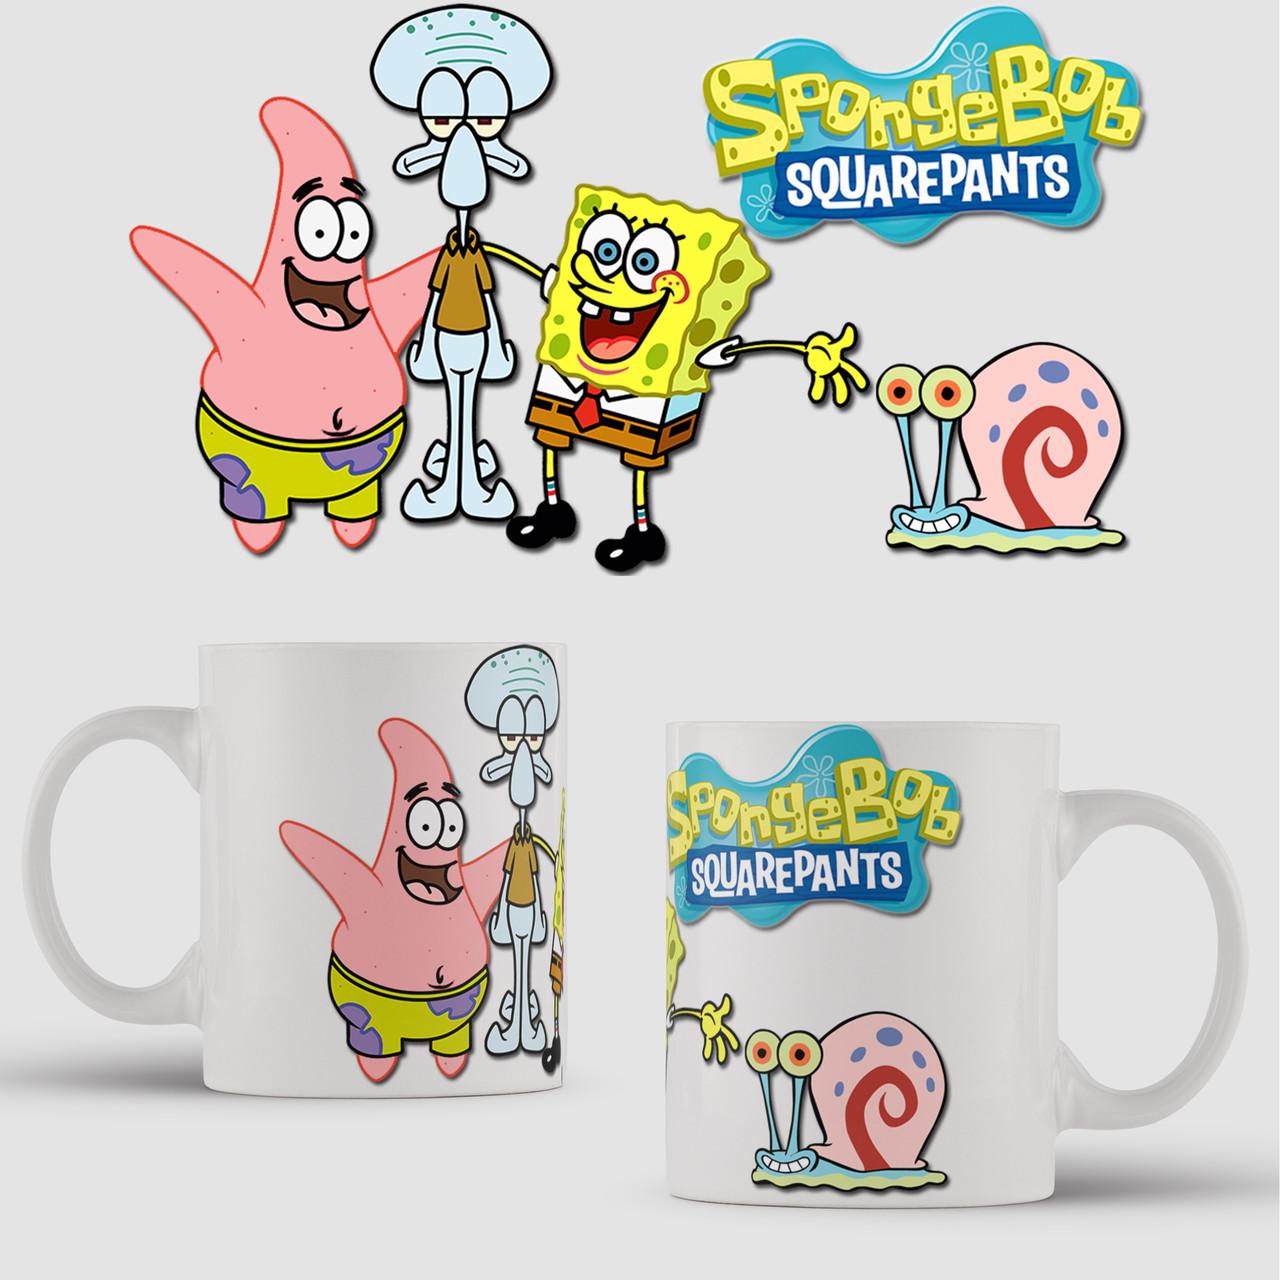 Кружка с принтом Губка Боб. Спанчбоб. Spongebob v11. Чашка с фото